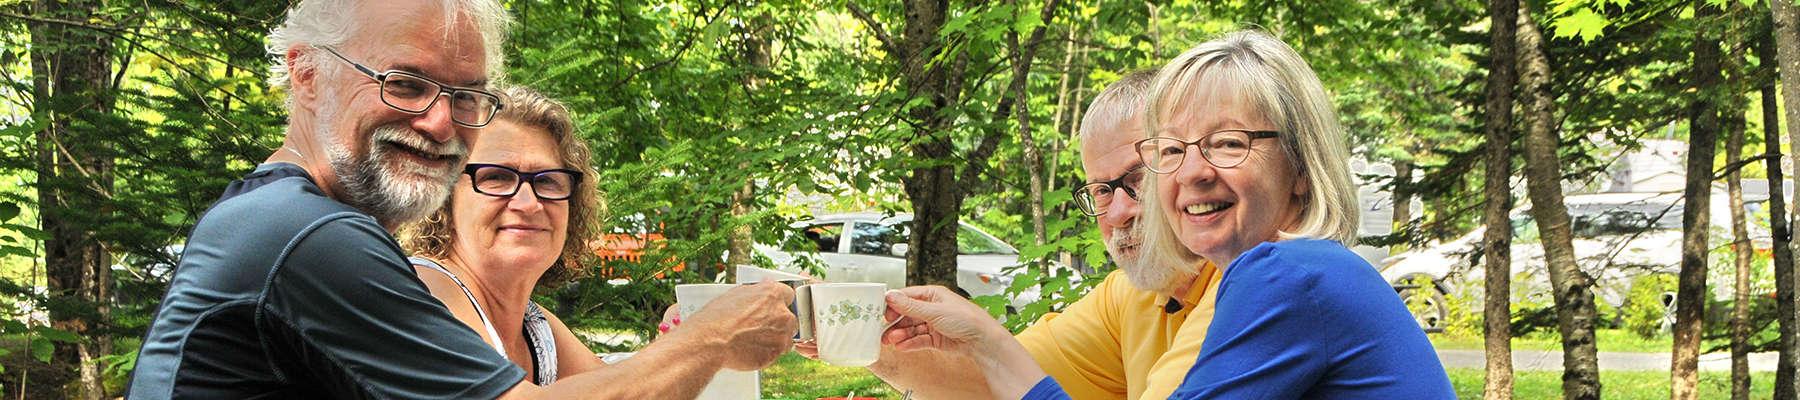 Camping Union, Camping Lac-du-cerf, idéal entre amis et famille